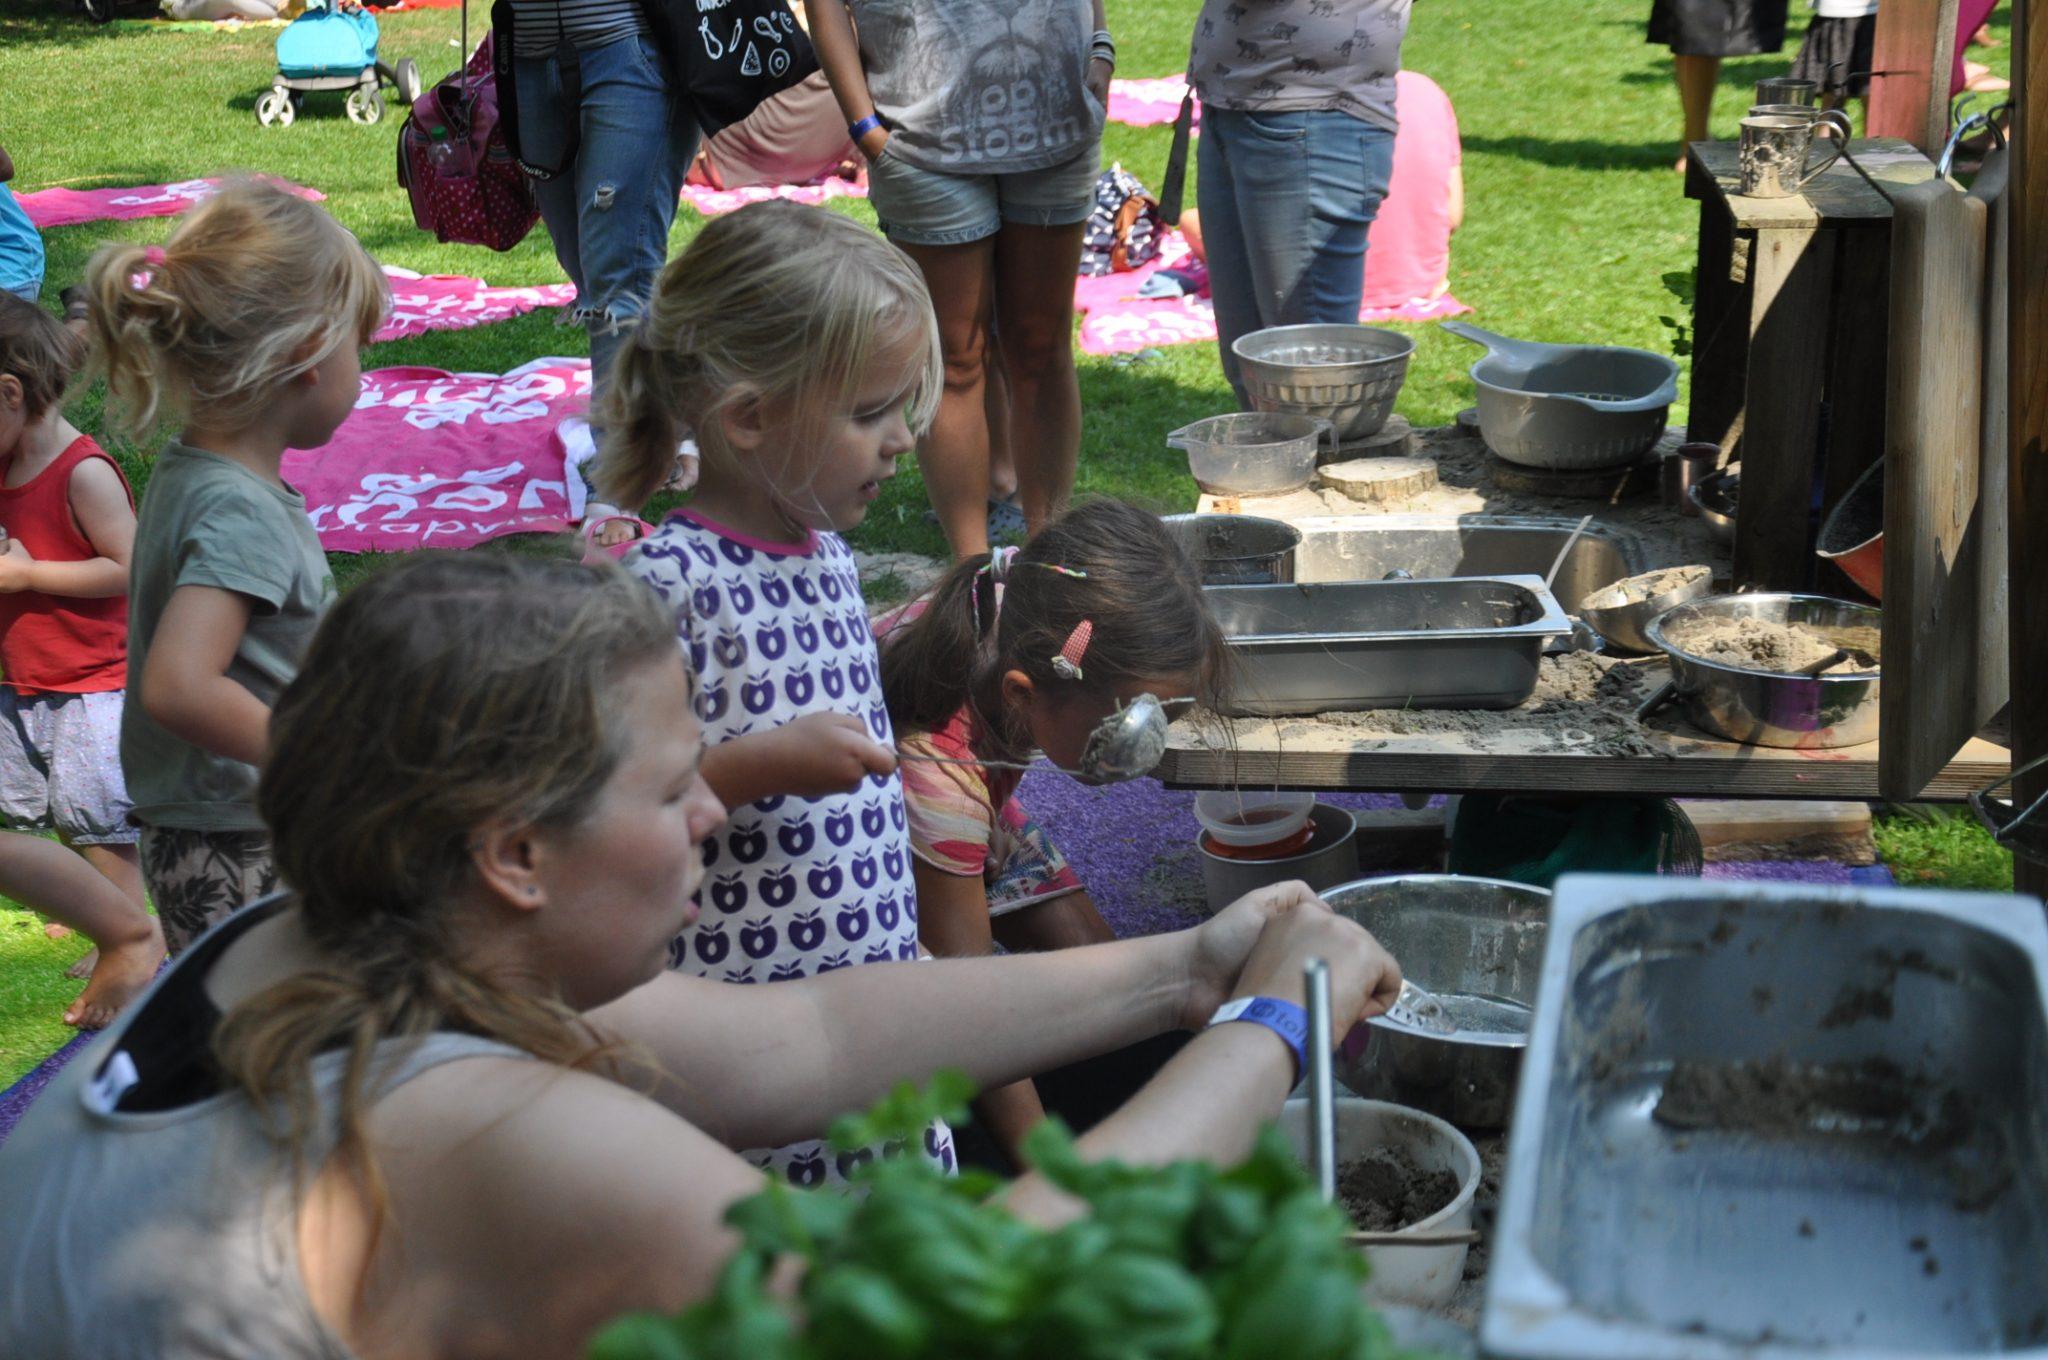 blogevent kookworkshop in het proefpark